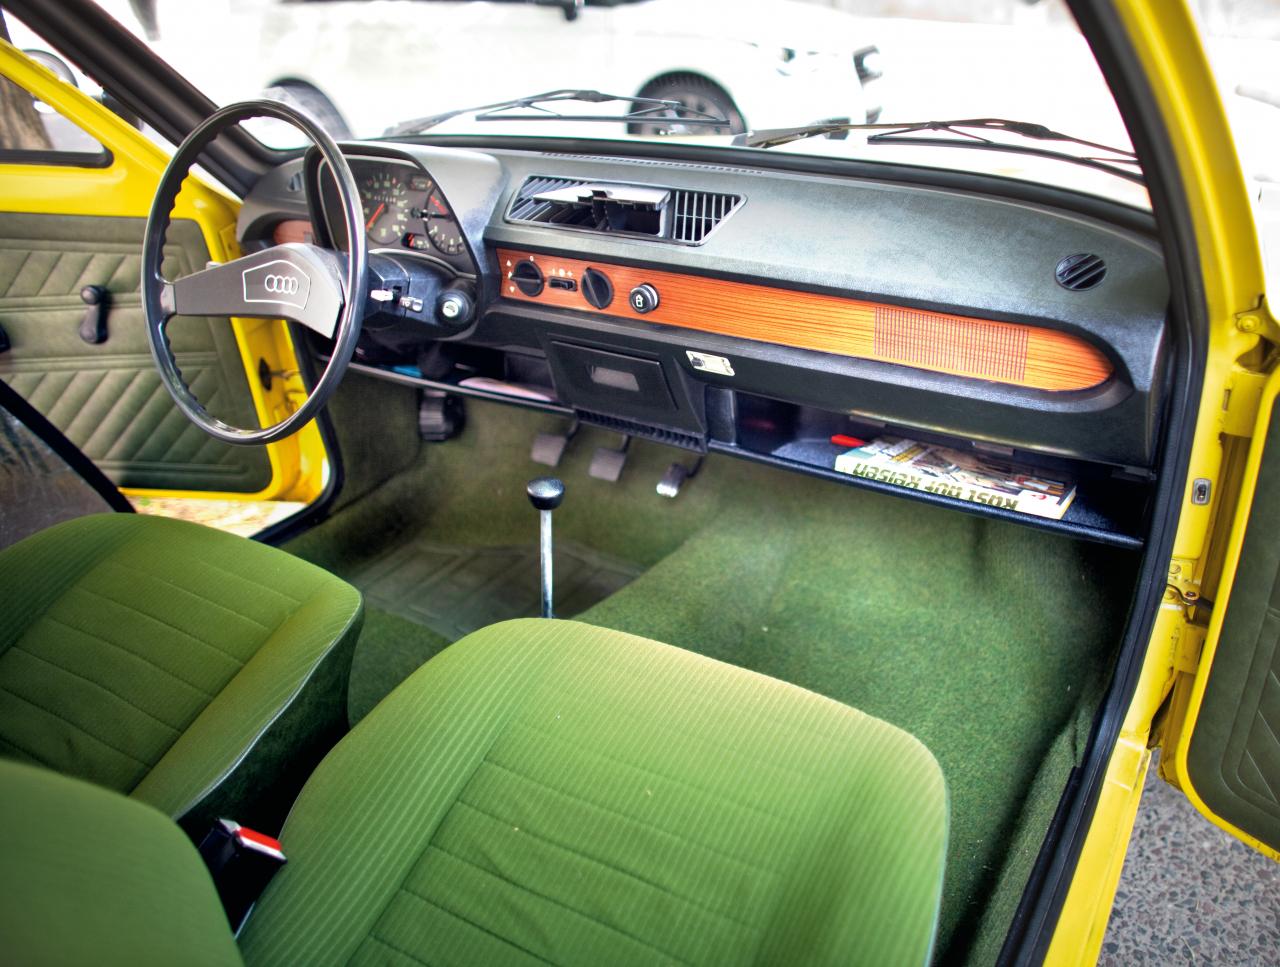 Audi 50 uzkrītošs šķiet šaurais stūres rats. Koka imitācijas apdare nerada īpaši mājīgu atmosfēru.